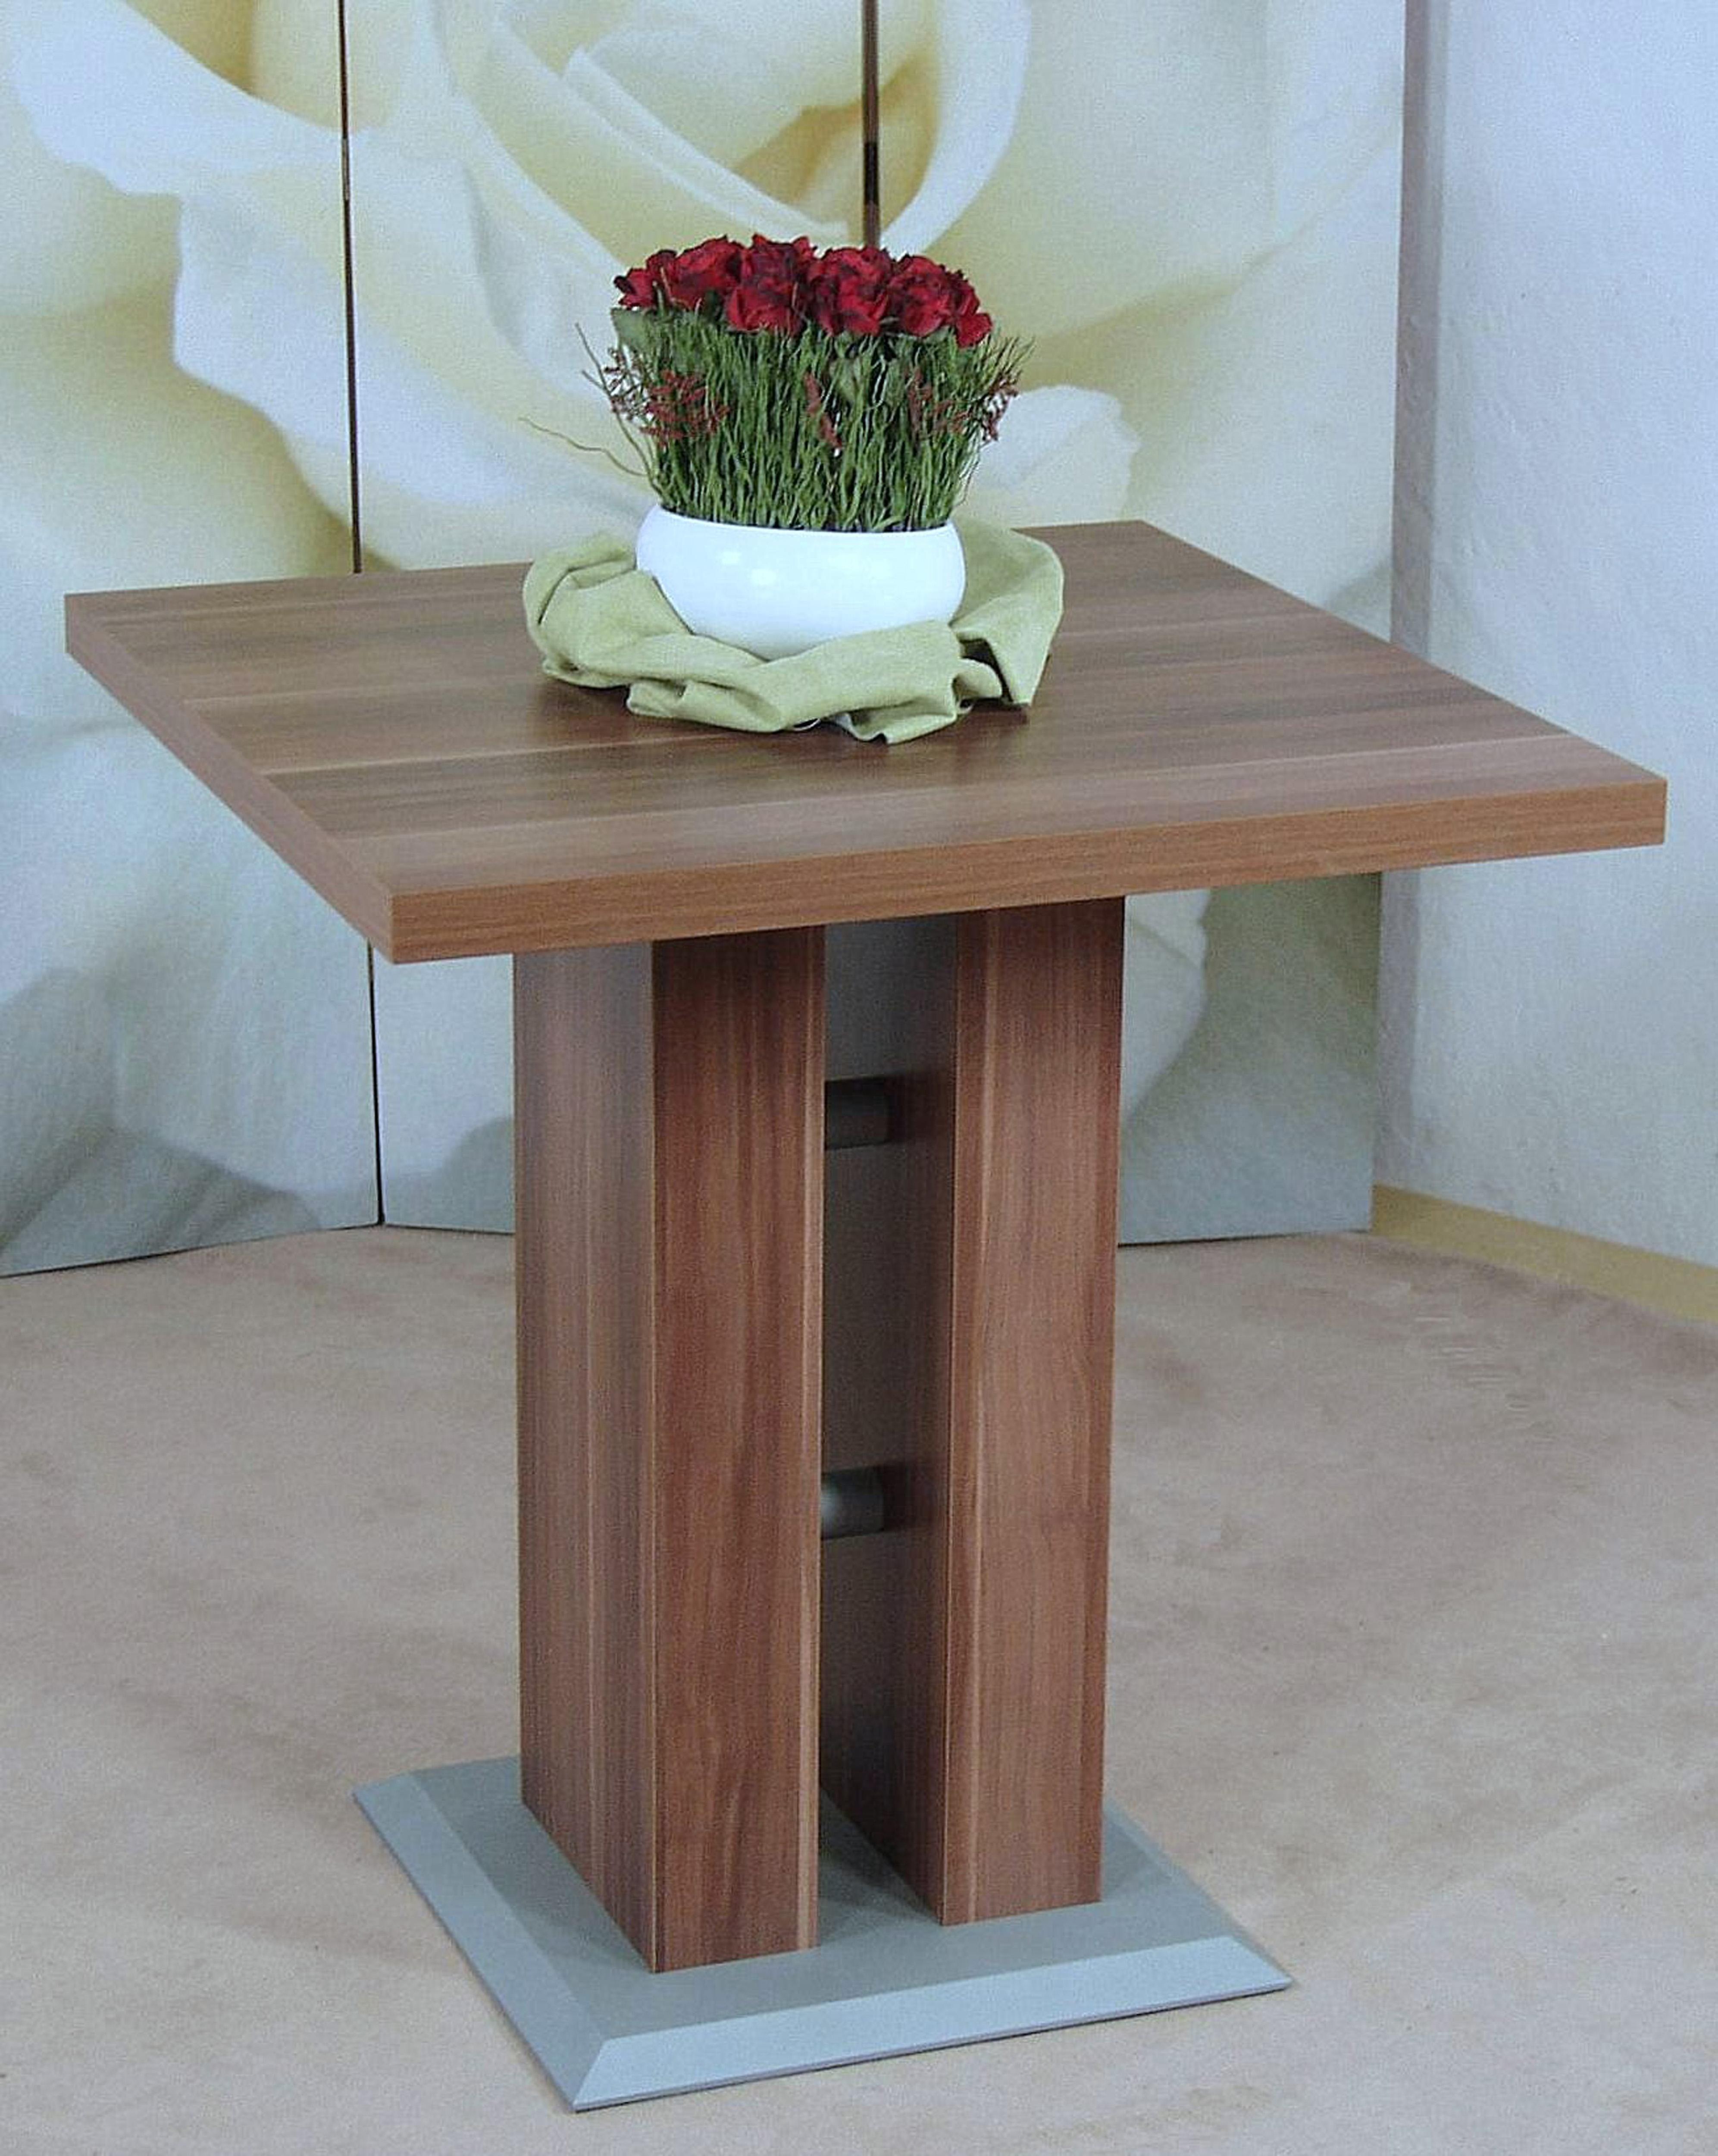 Säulen-Esstisch Luxor Wohnen/Möbel/Tische/Esstische/Säulentische